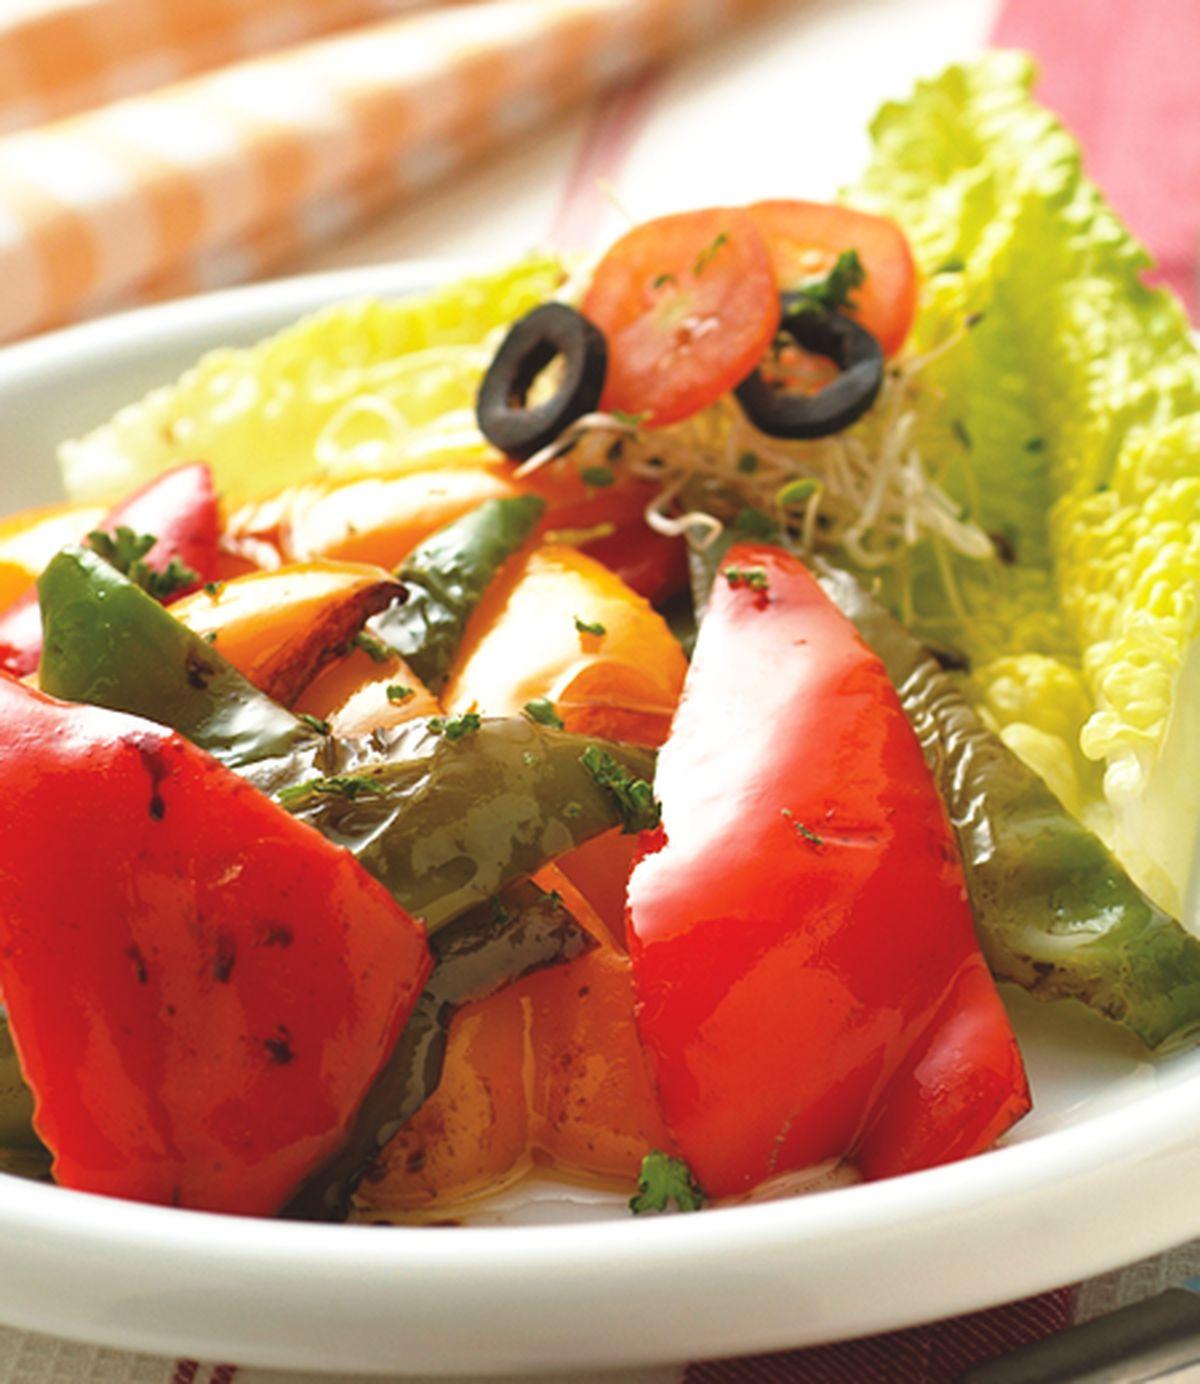 食譜:烤甜椒沙拉